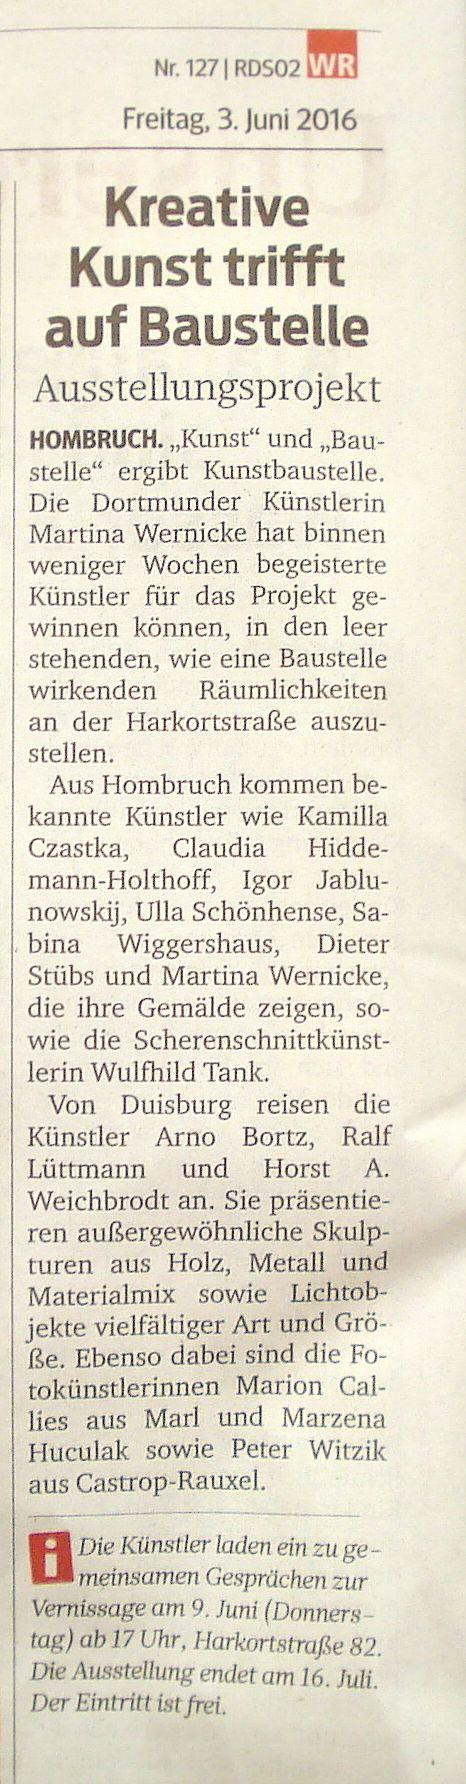 kunstbaustelle-hombruch-presse2